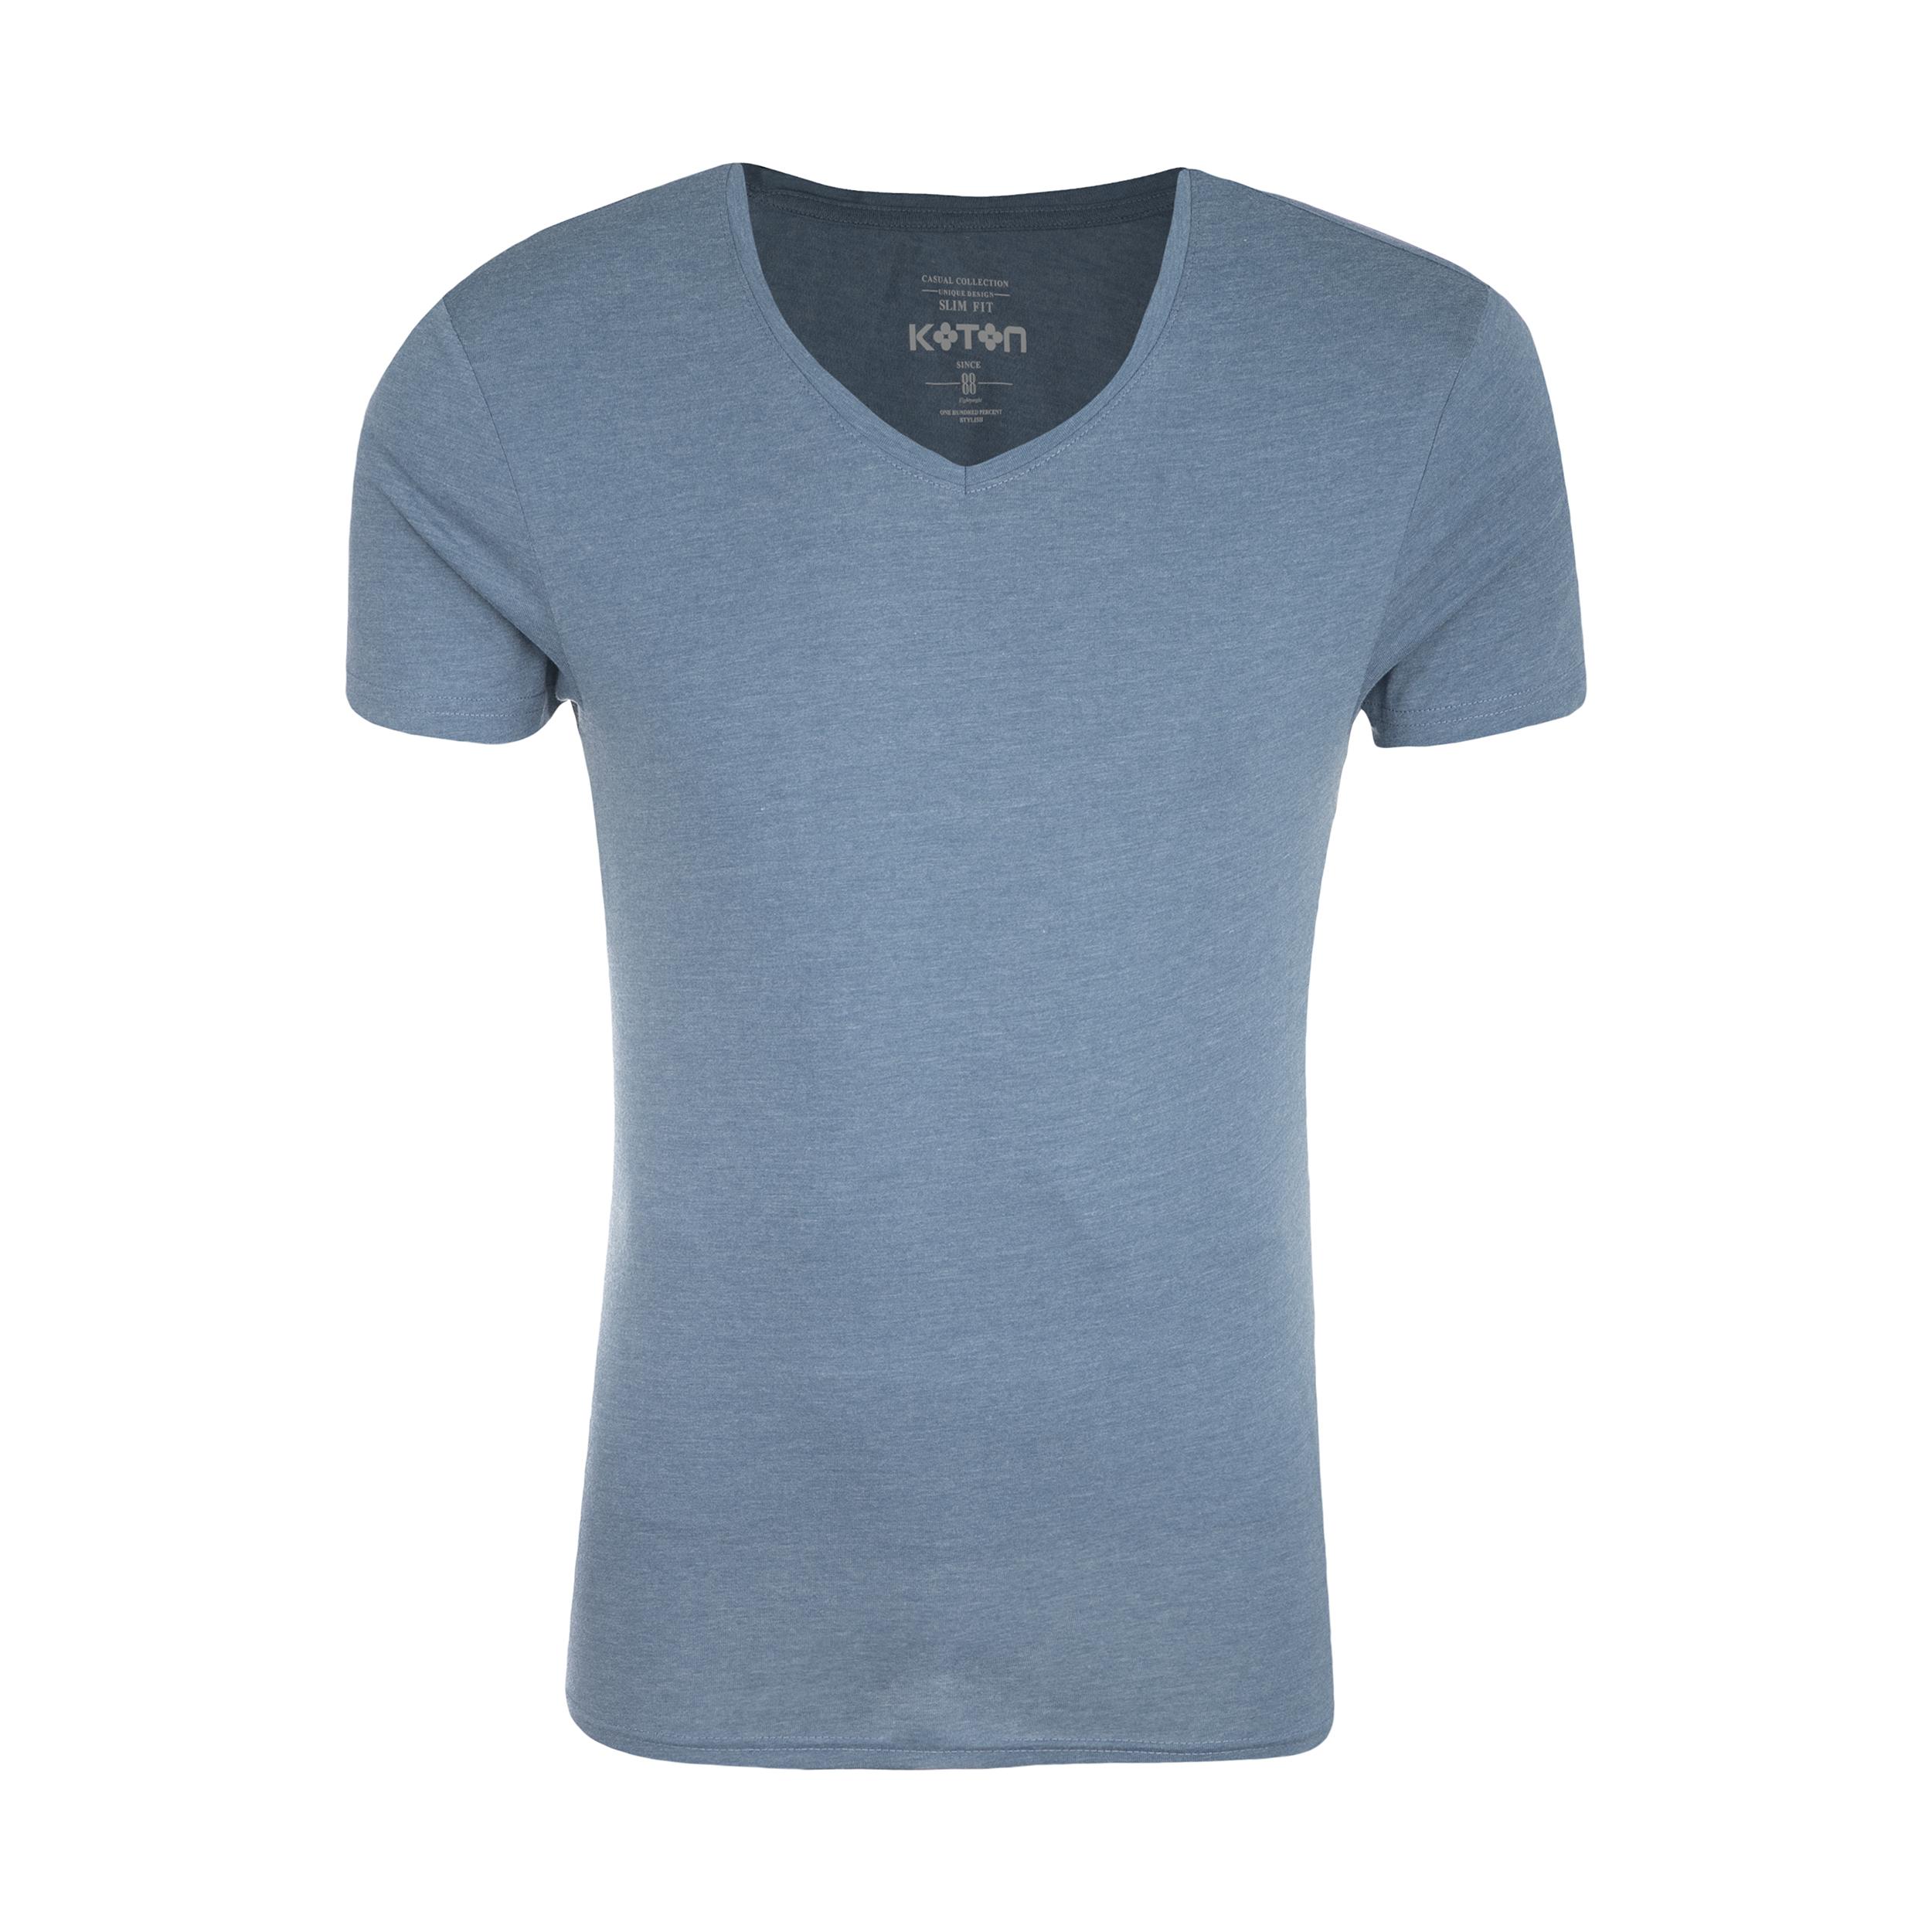 تی شرت مردانه کوتون مدل 8YAM15324LK-602